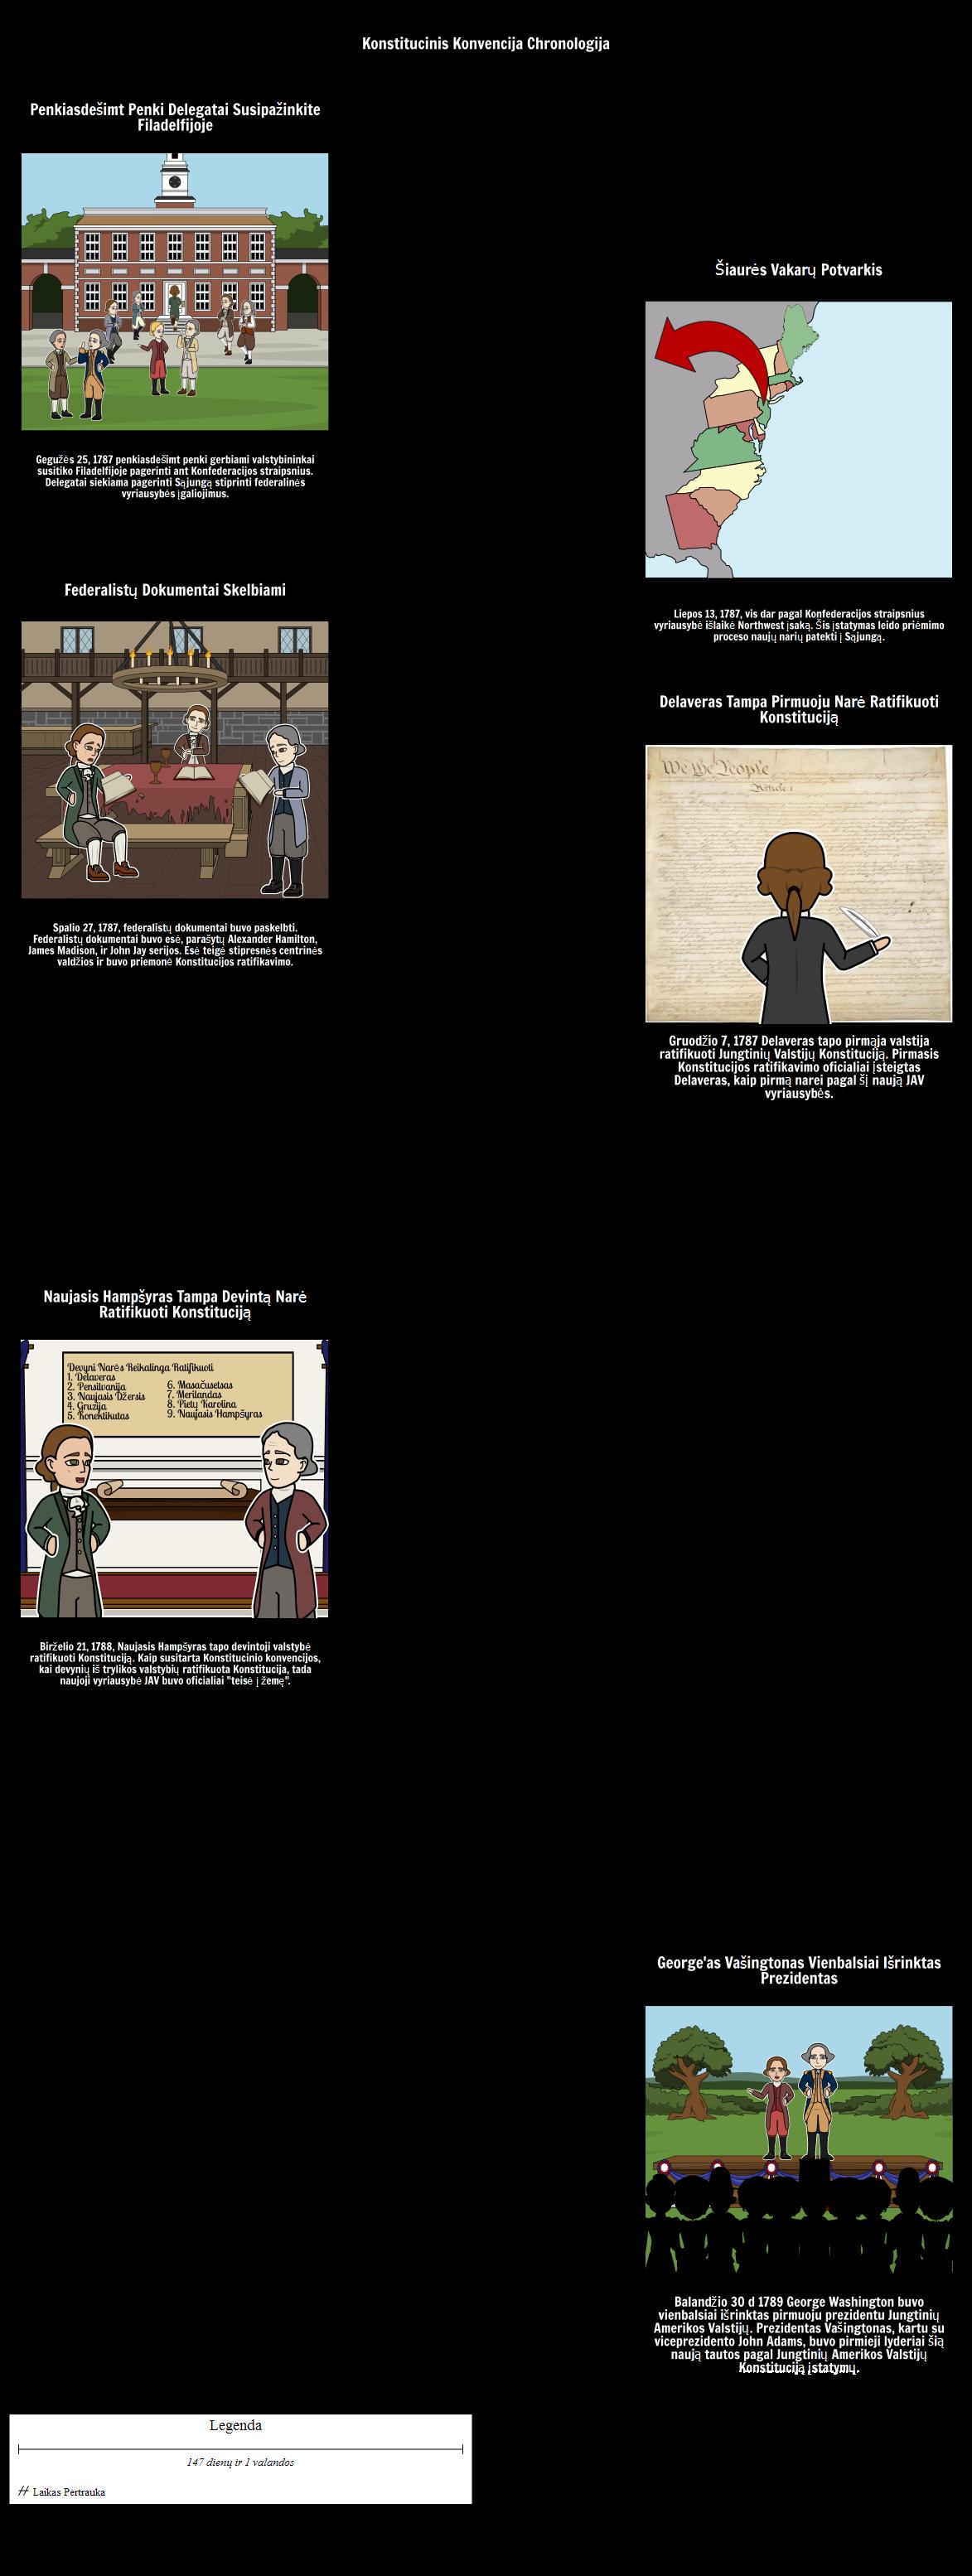 Konstitucinis Konvencija Chronologija